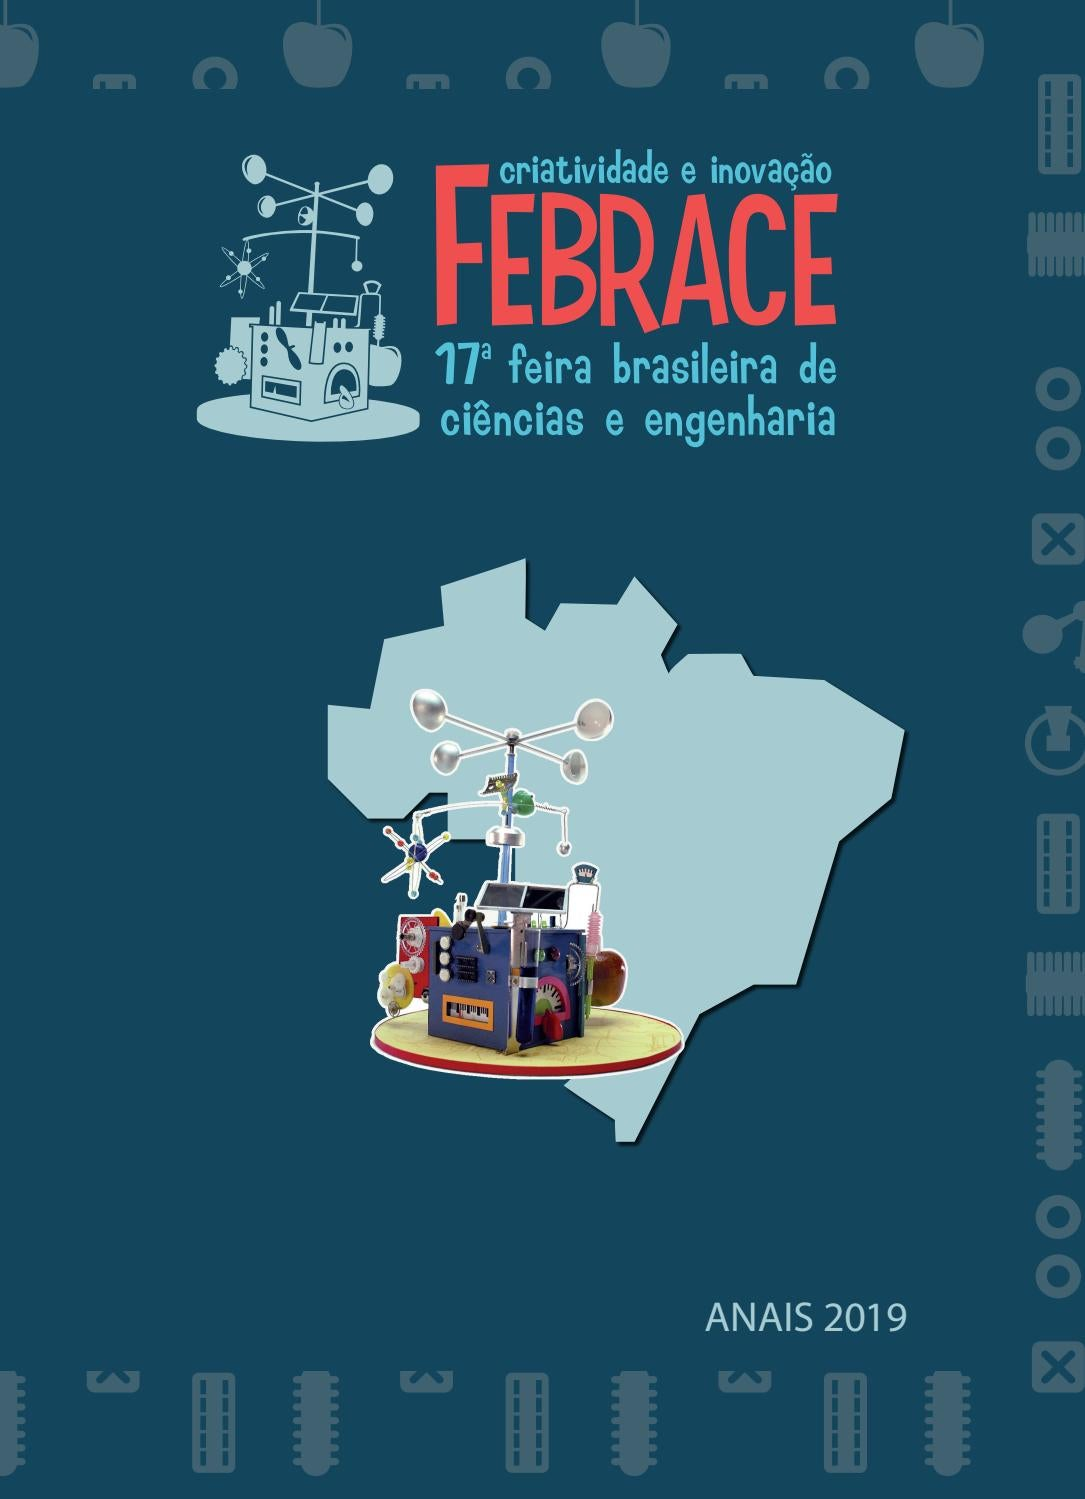 99c0a2c7b Anais FEBRACE 2019 by FEBRACE - Feira Brasileira de Ciências e Engenharia -  issuu